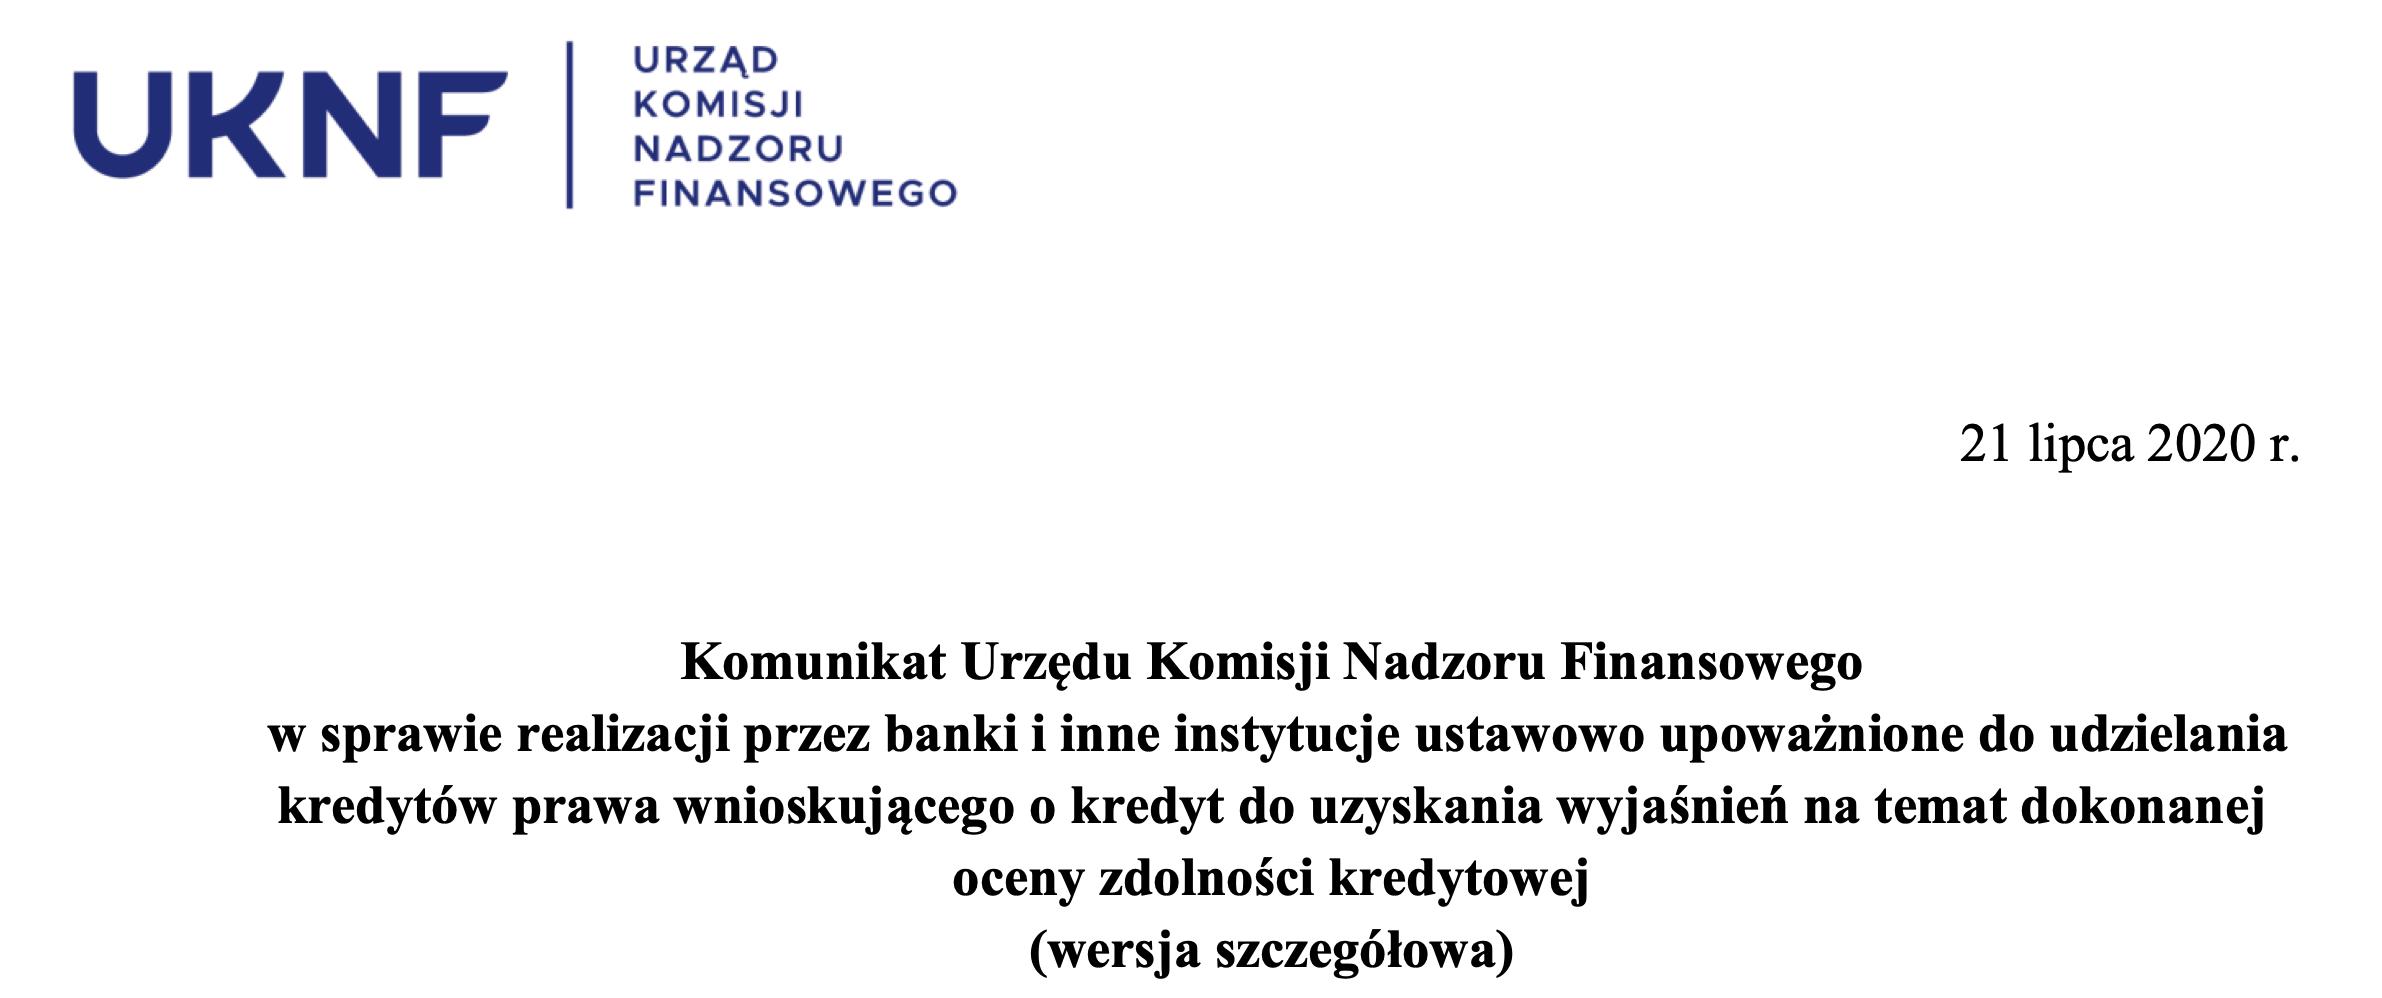 RODO i Prawo bankowe oraz UKNF, czyli komunikat w sprawie zdolności kredytowej